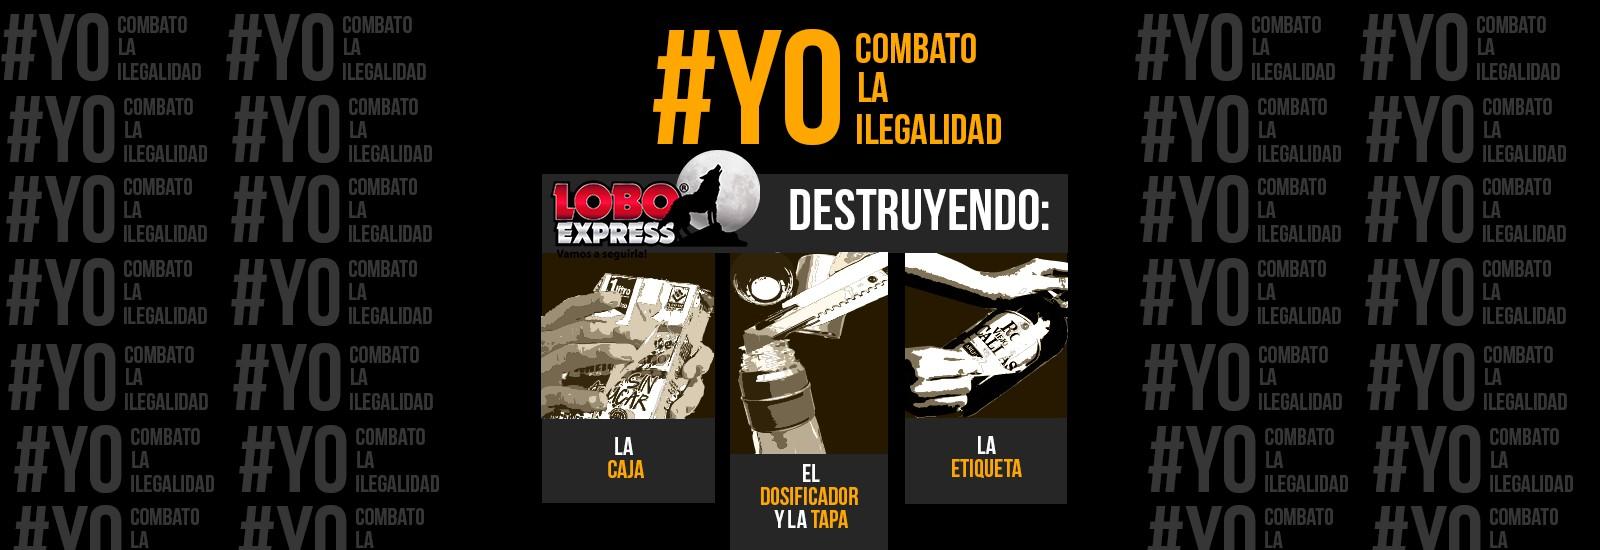 #YoCombatoLaIlegalidad